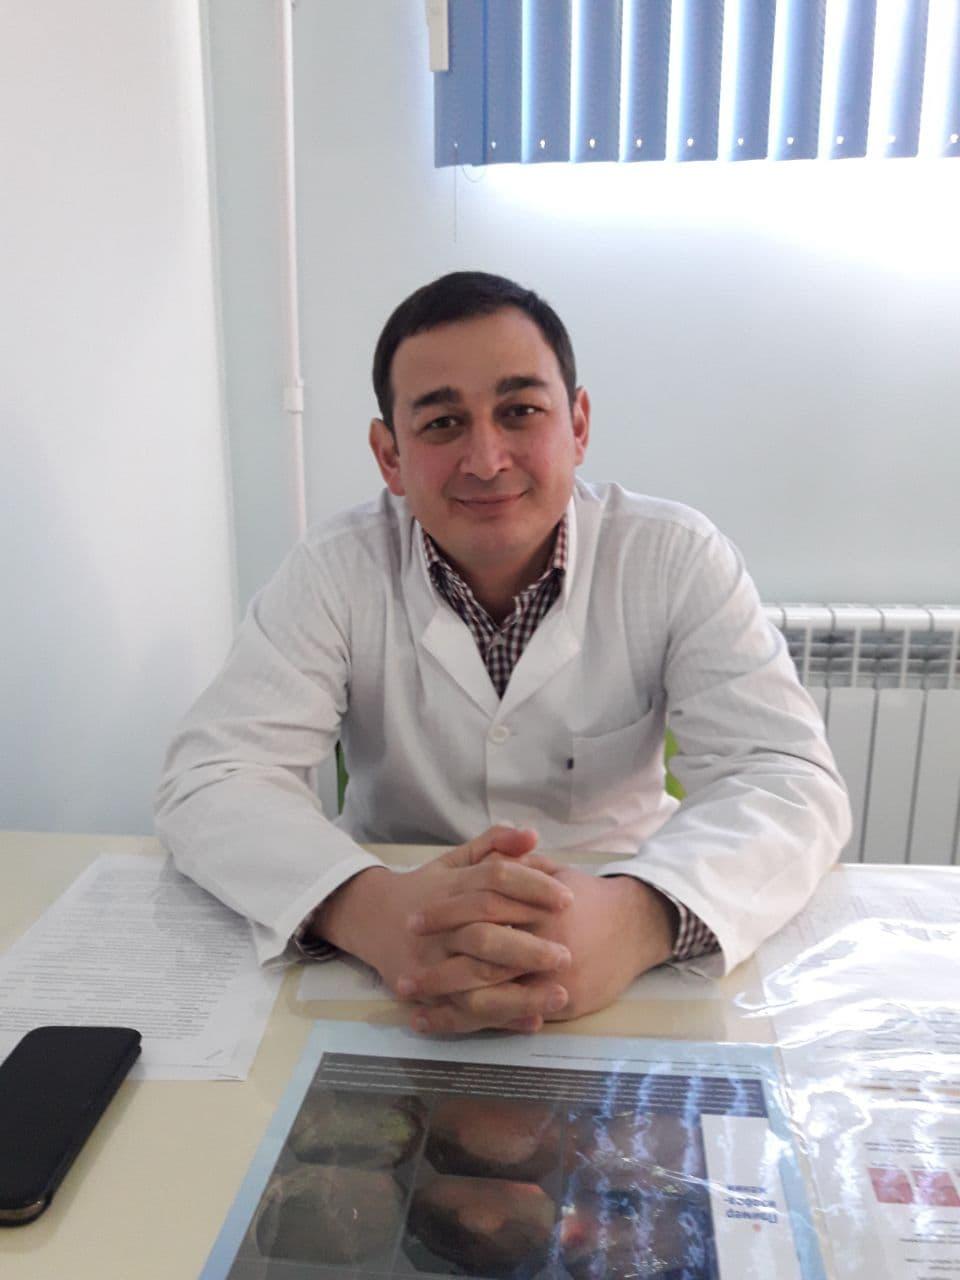 Маткулиев Уткирбек хирург